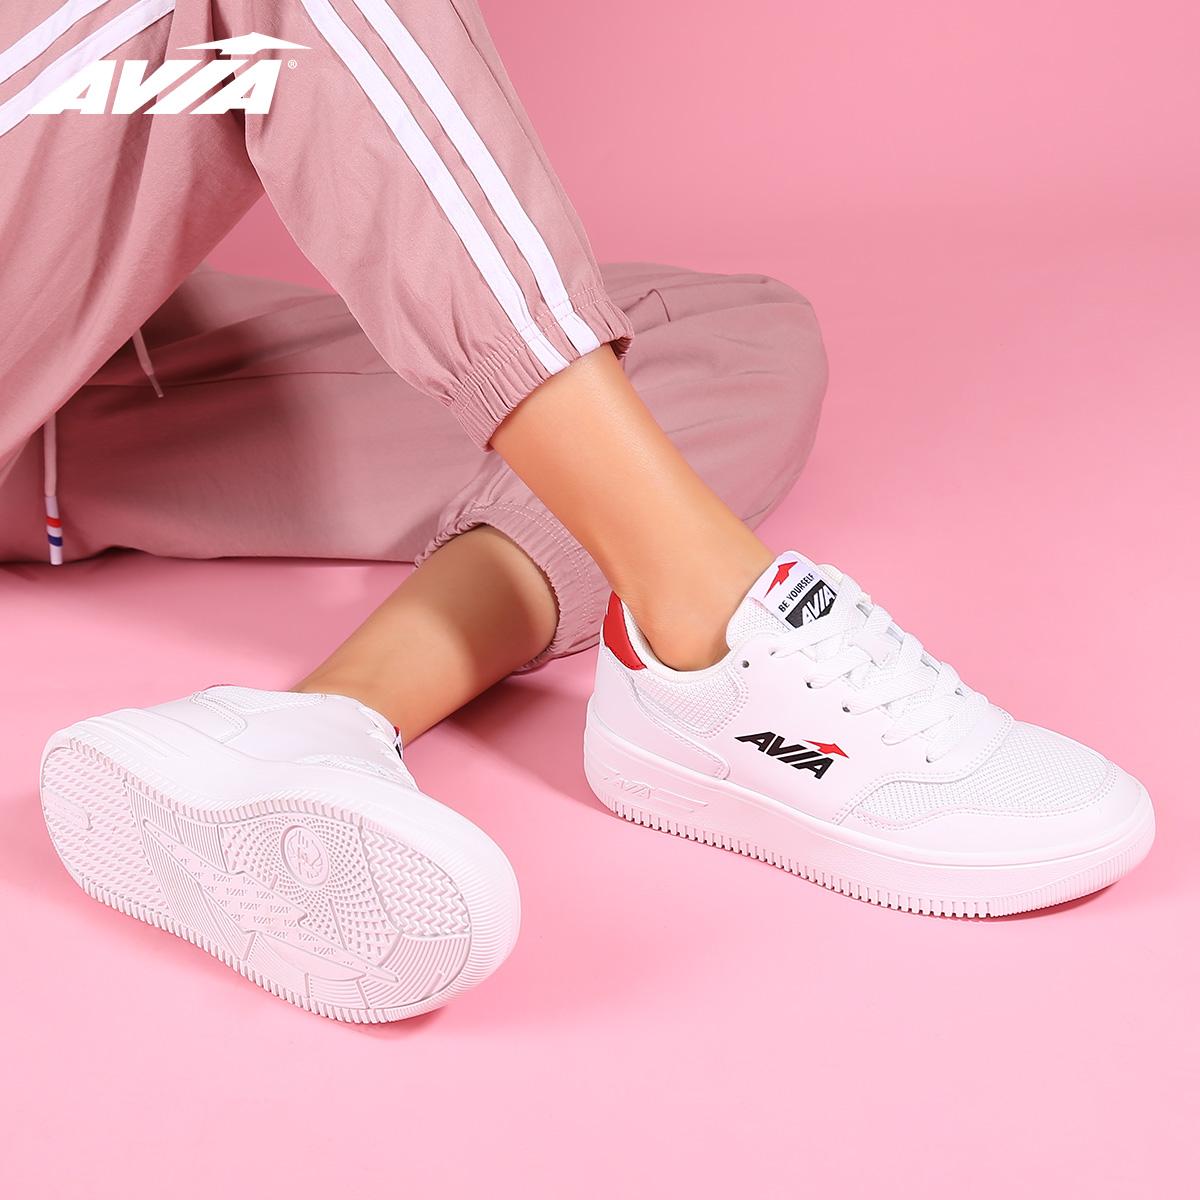 AVIA爱威亚2020春夏新款情侣板鞋女小白鞋低帮网面休闲男运动板鞋